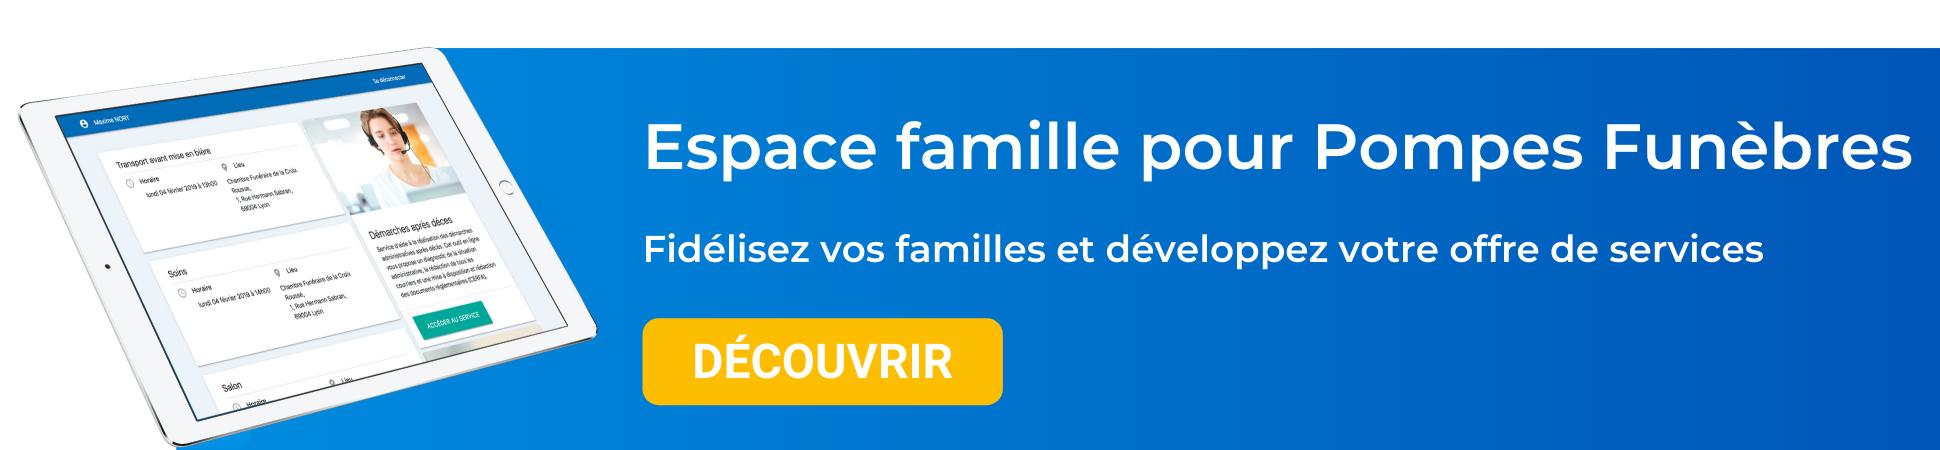 Espace famille pour Pompes Funèbres